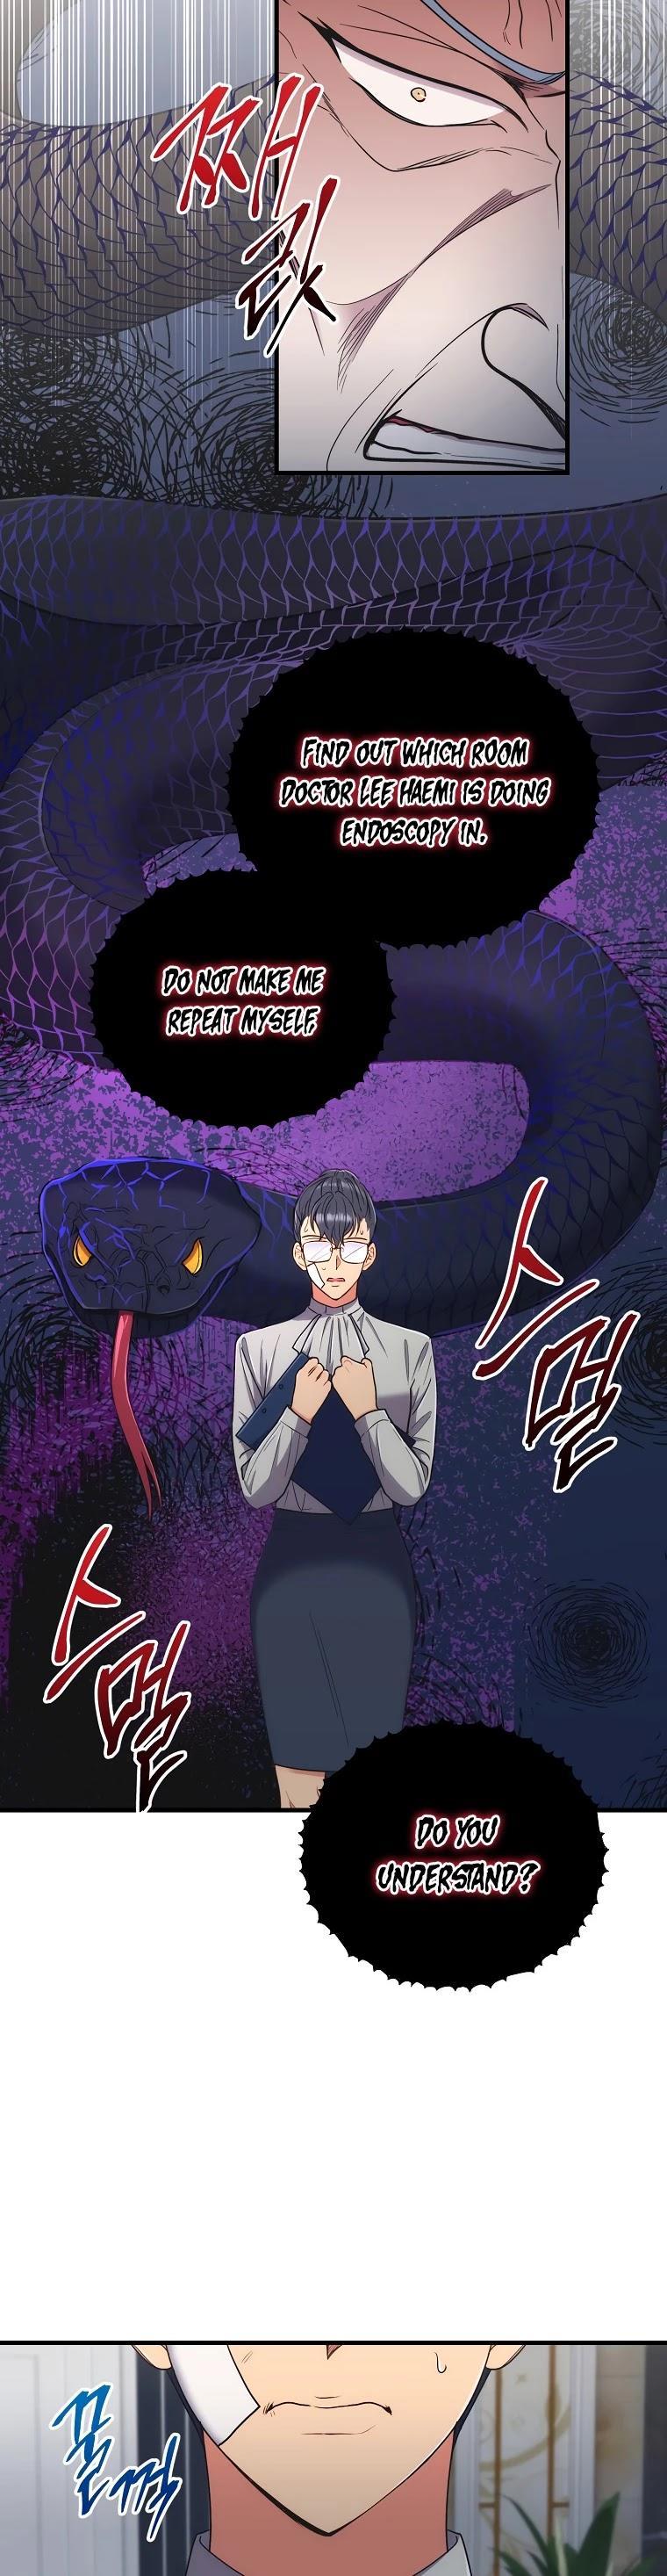 Medical Return Chapter 128 page 5 - Mangakakalot